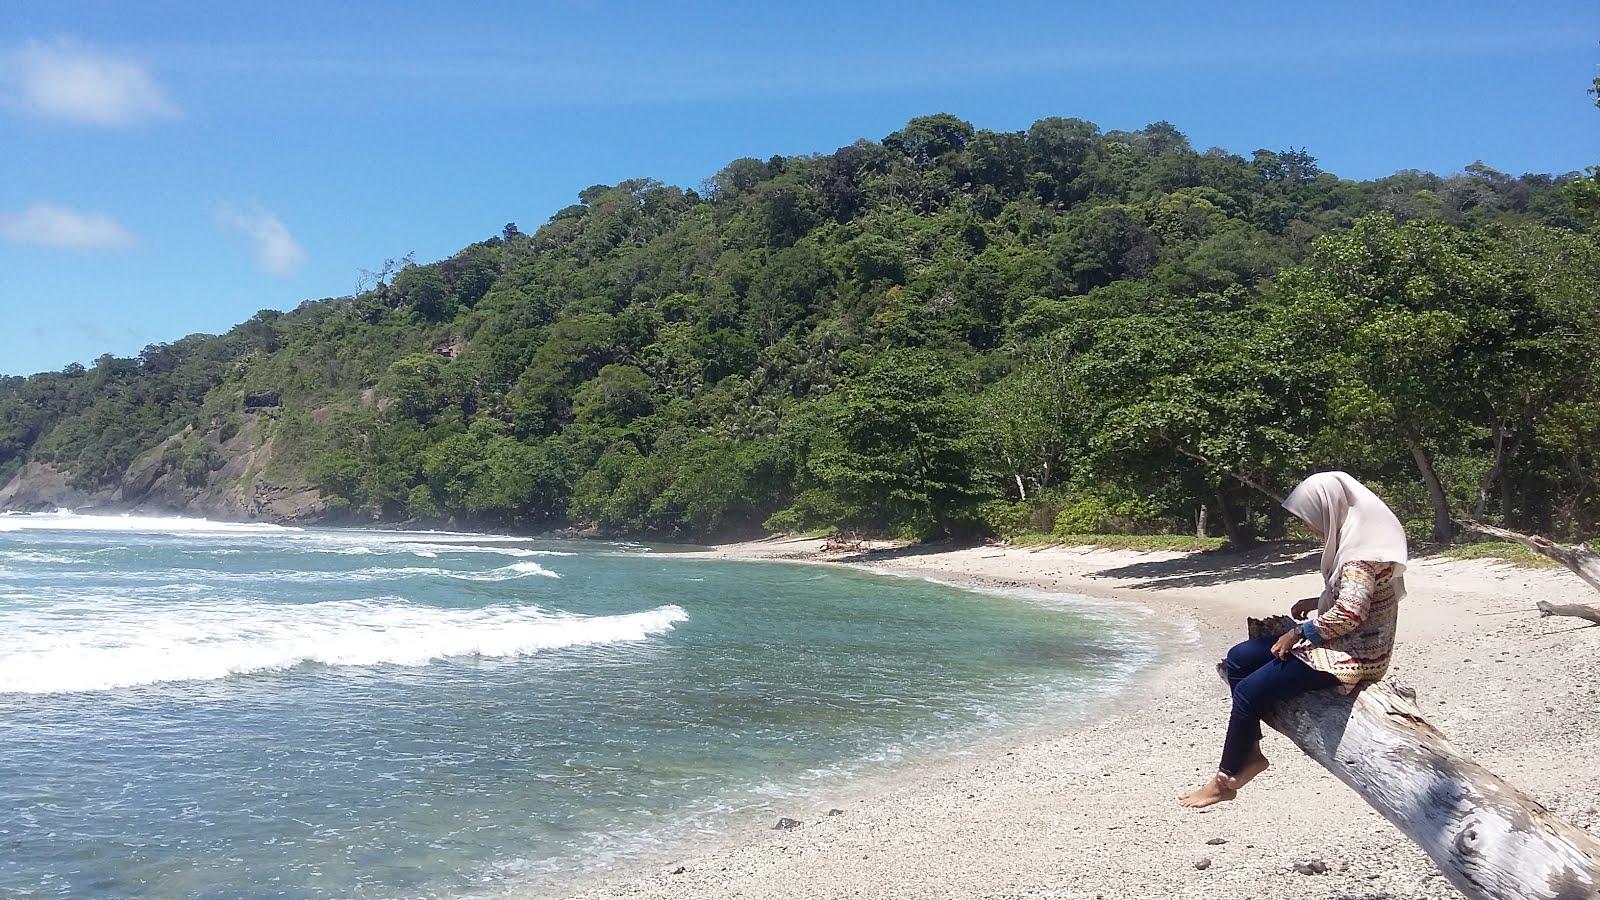 7 Pantai Eksotis di Cilacap yang Wajib Kamu Kunjungi 4